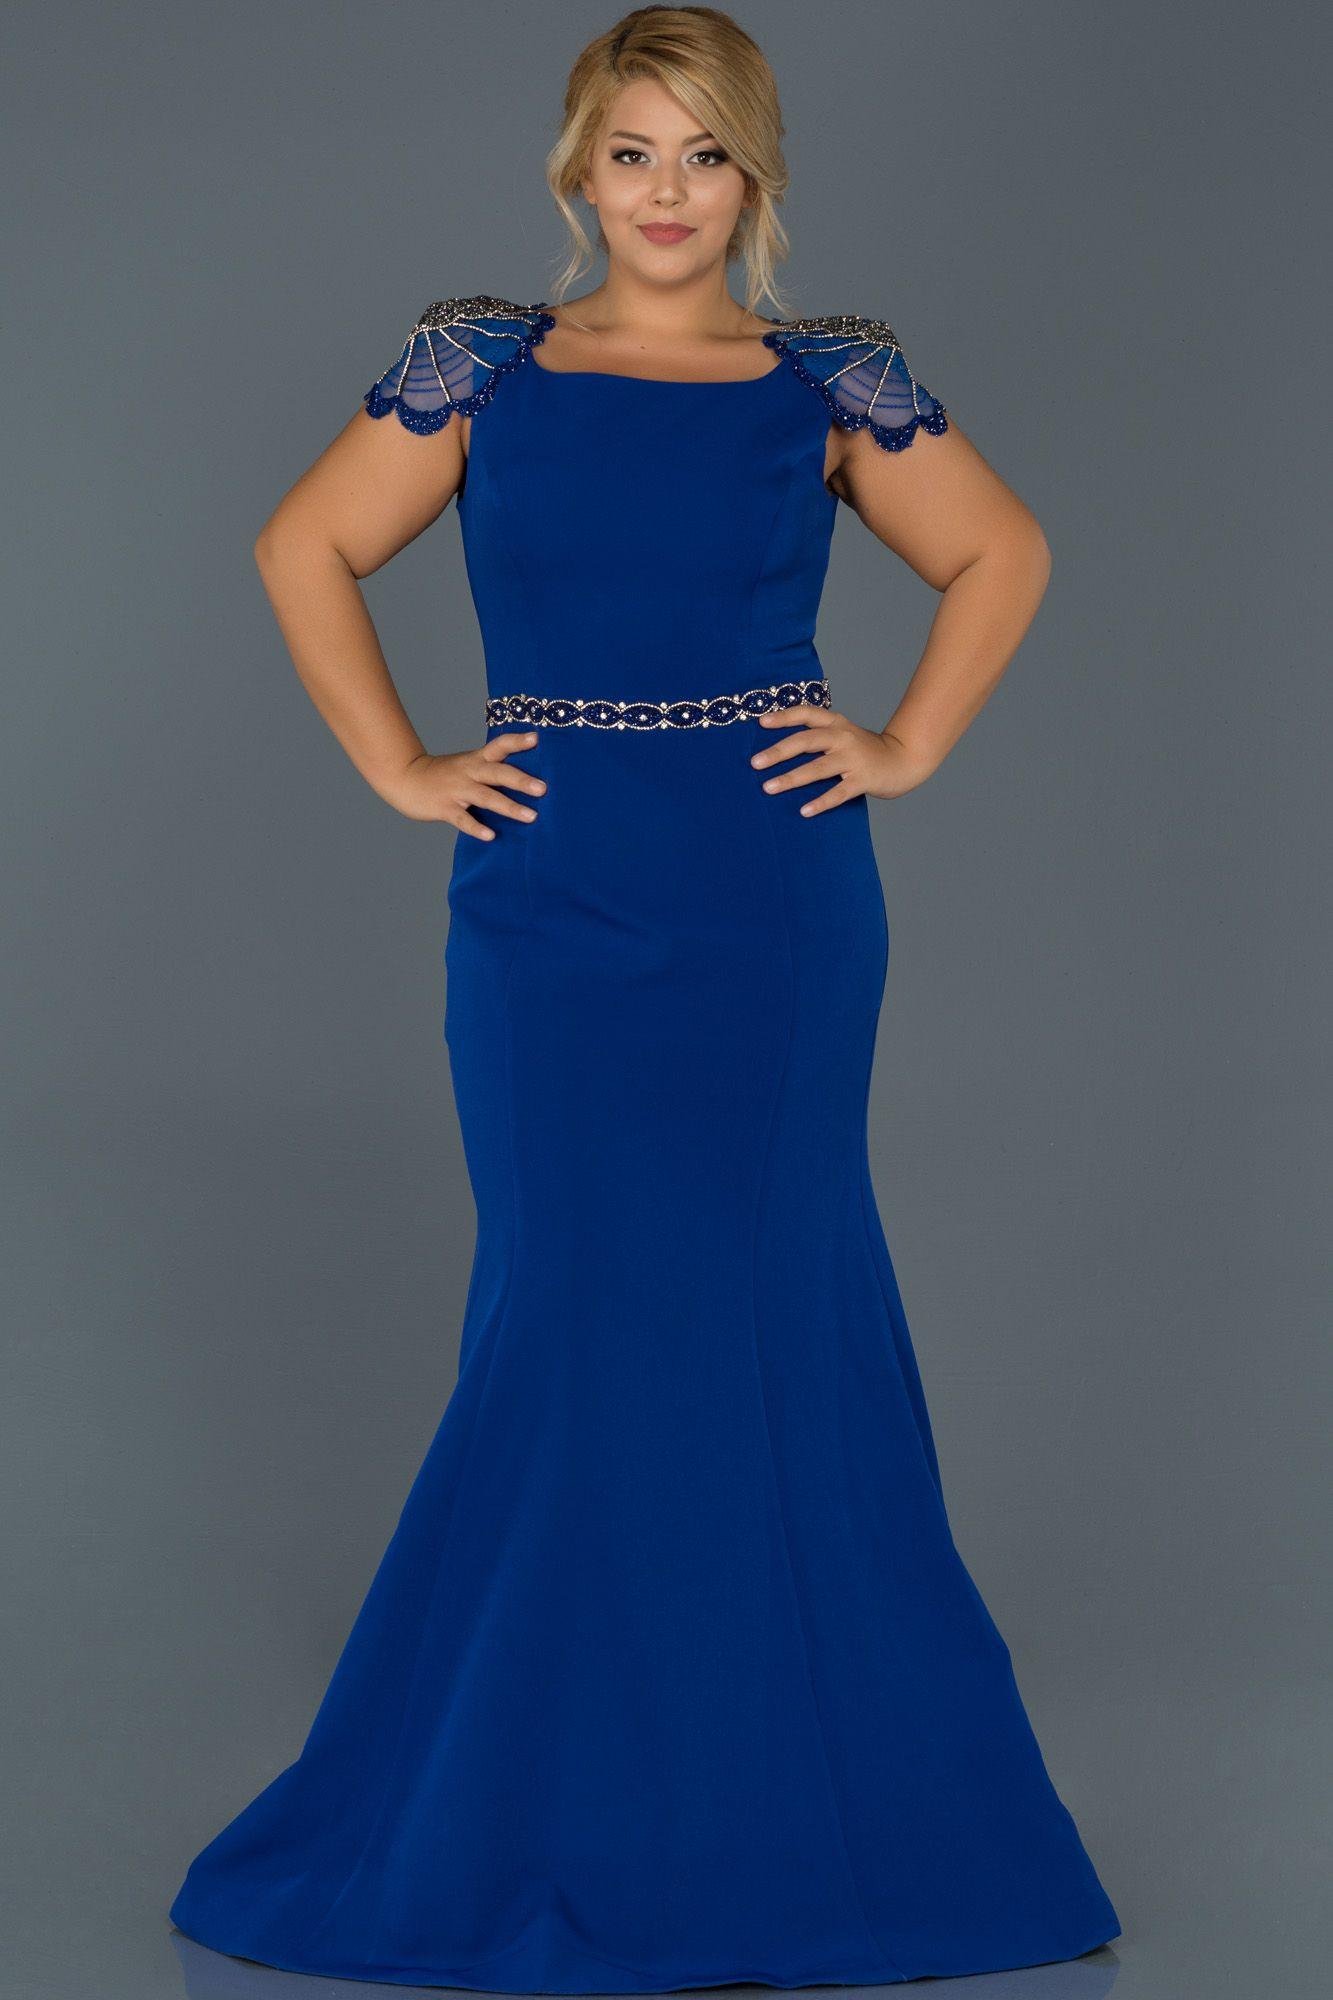 Saks Mavi Tasli Apolet Detayli Buyuk Beden Abiye Abu468 The Dress Elbise Elbise Modelleri